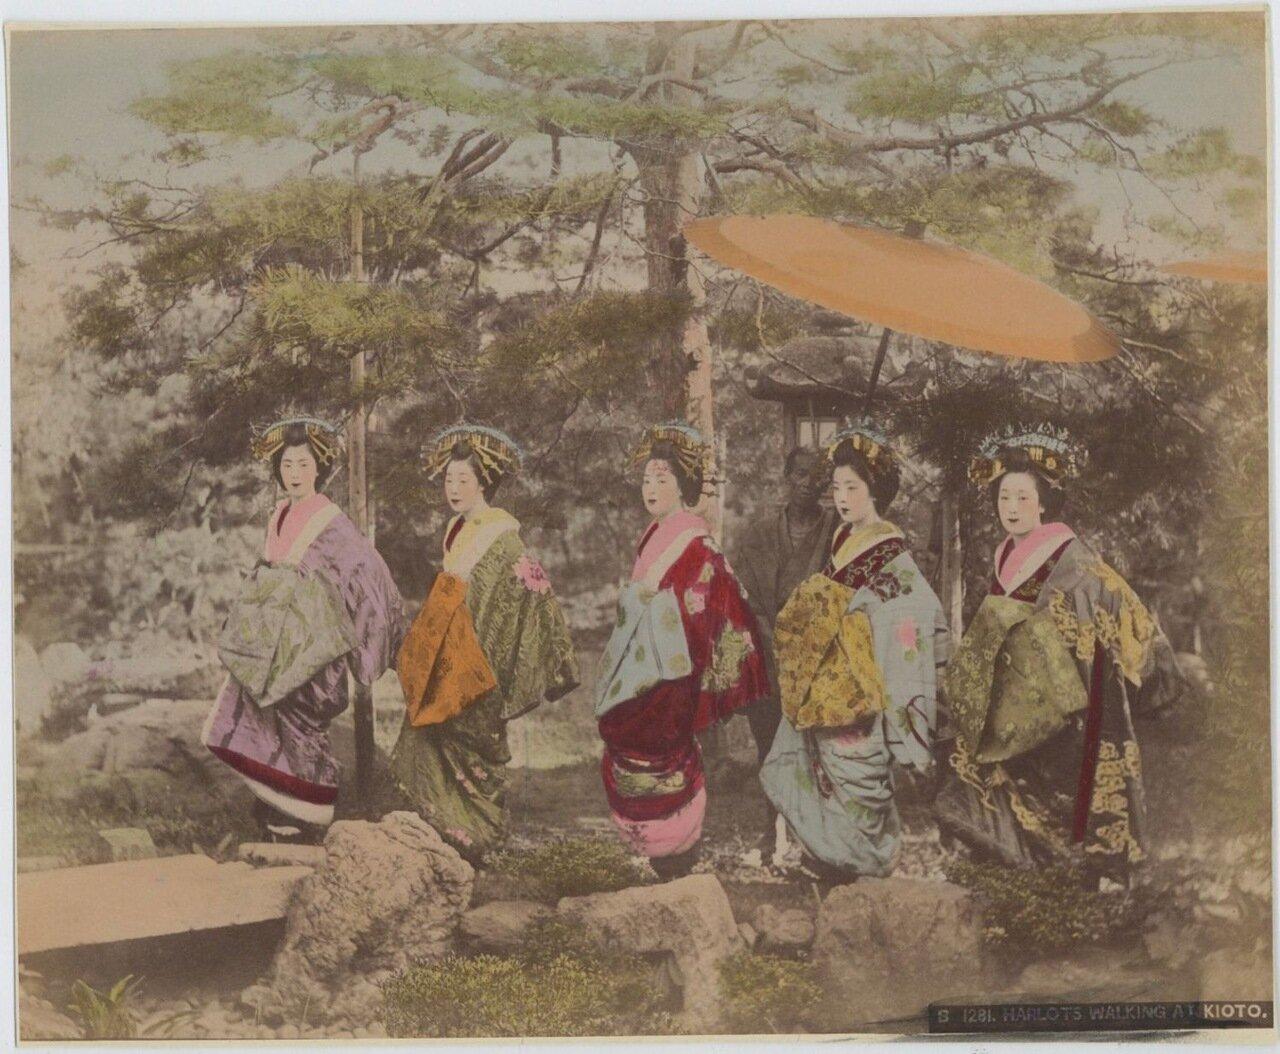 Проститутки в Киото